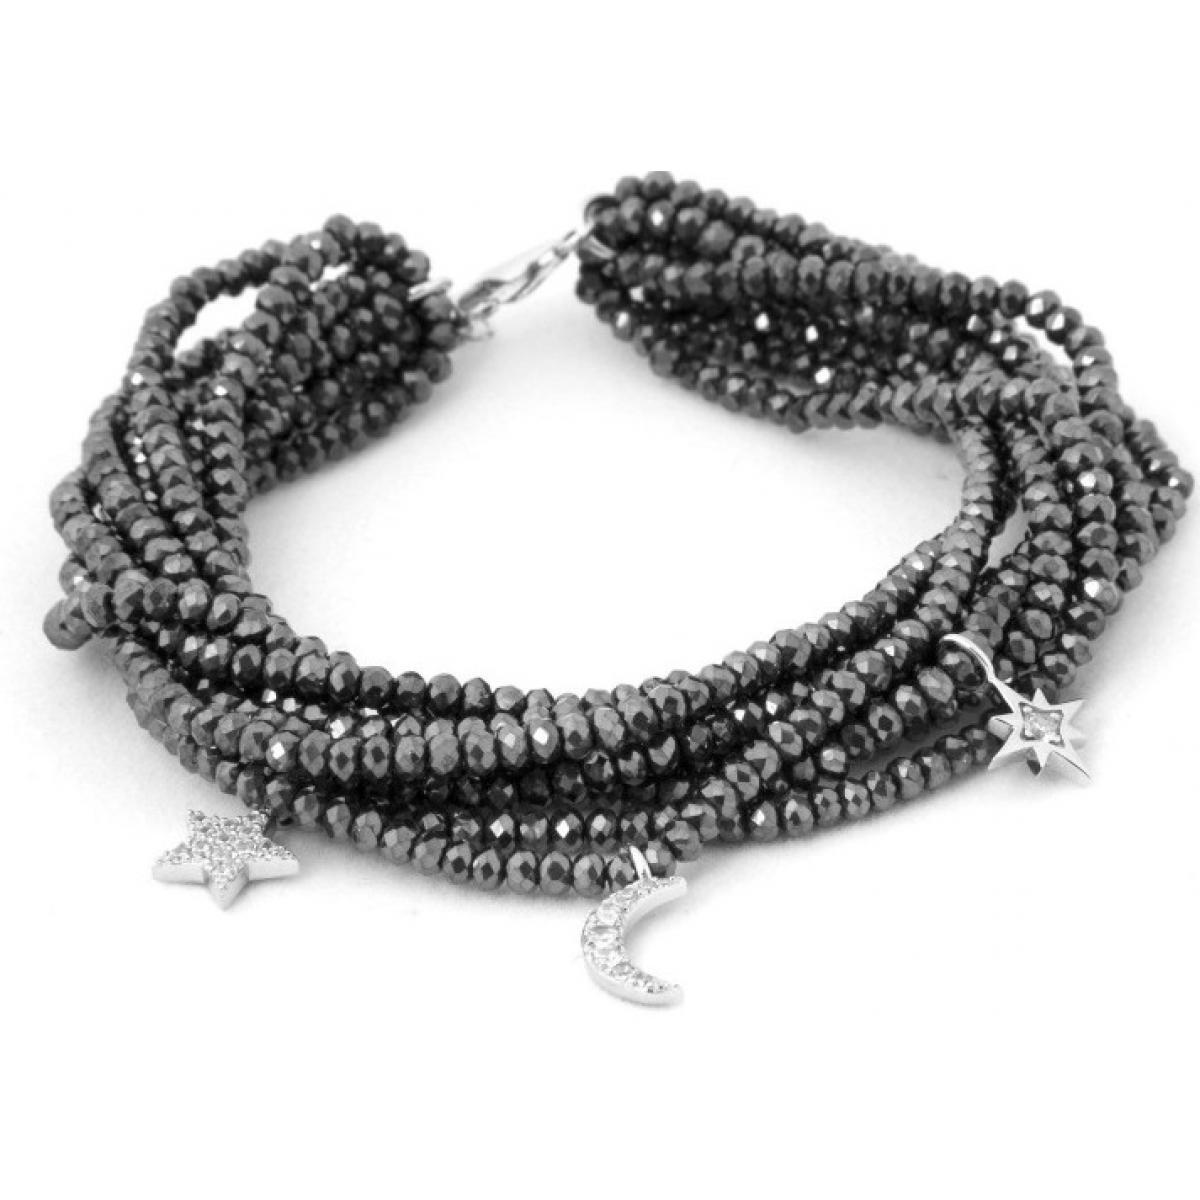 Bracelet Luxenter BXA063R901 - Bracelet MYSNIGHT Noir Femme